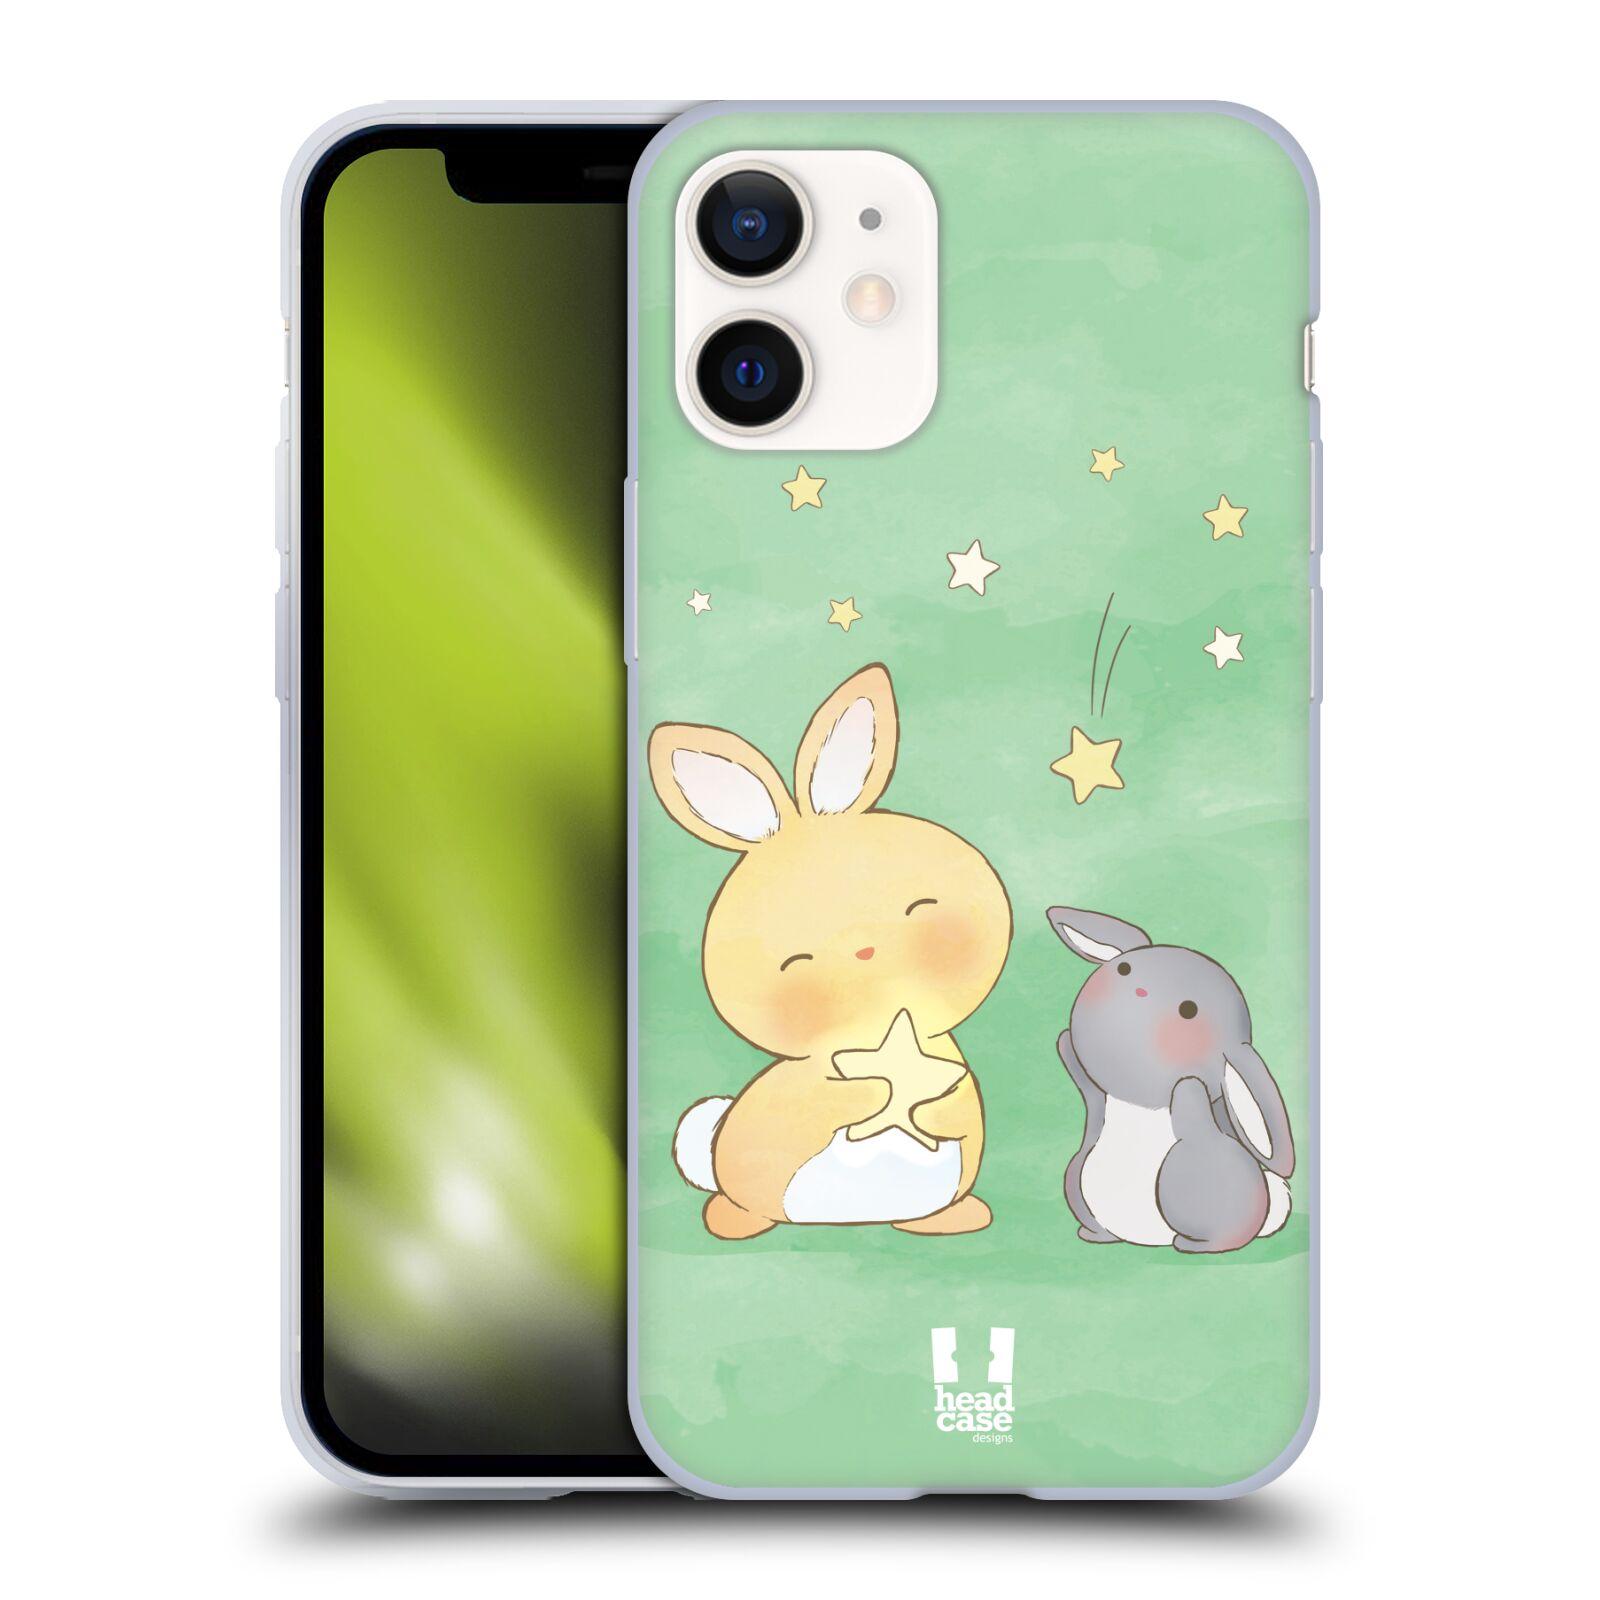 Plastový obal na mobil Apple Iphone 12 MINI vzor králíček a hvězdy zelená